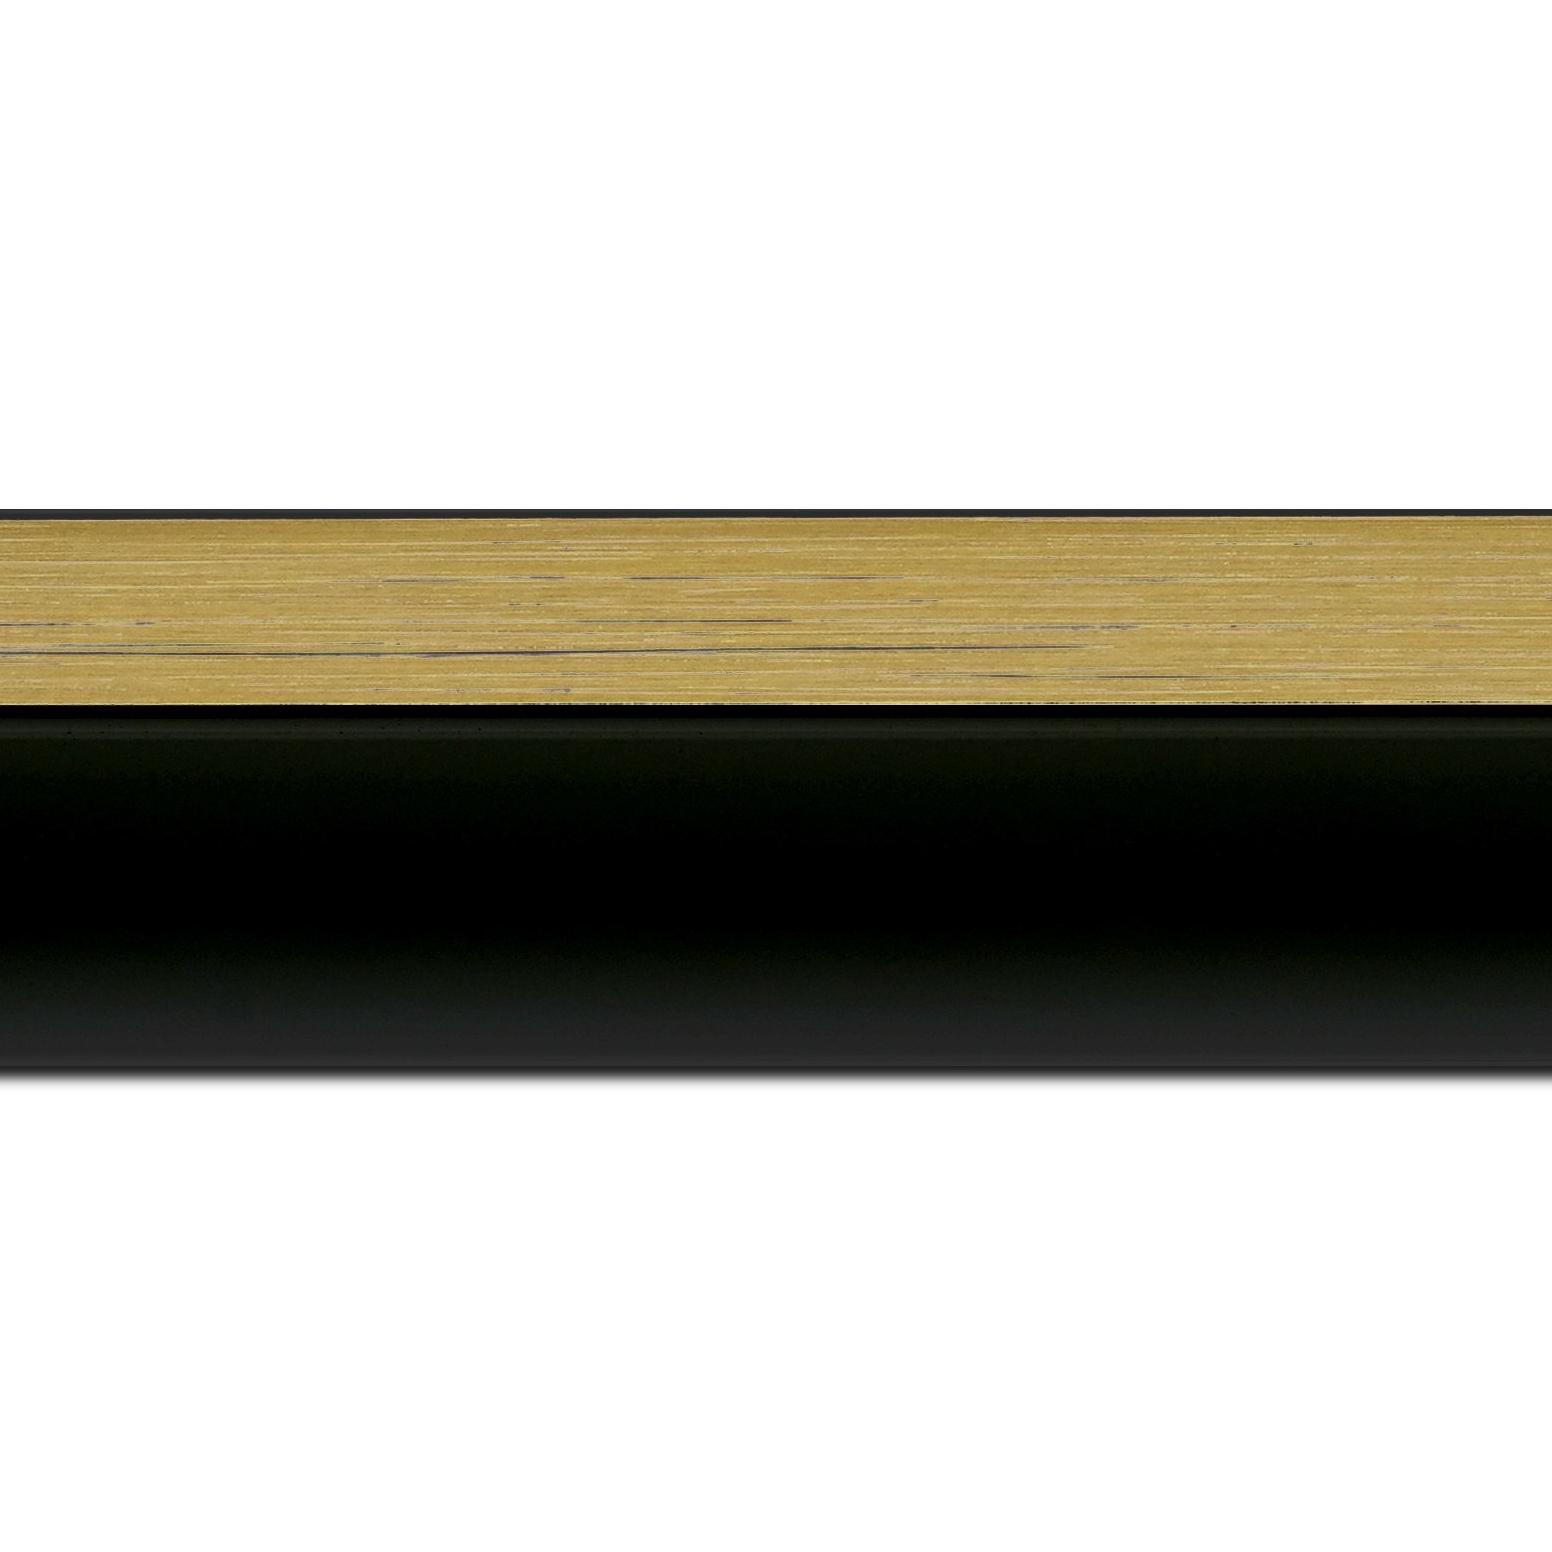 Baguette longueur 1.40m bois caisse américaine profil en l (flottante) largeur 4.5cm noir mat finition pore bouché filet or largeur 2cm qualitÉ galerie (spécialement conçu pour les châssis d'une épaisseur jusqu'à 3cm ) information complémentaire : il faut renseigner la dimension précise de votre sujet  et l'espace intérieur entre la toile et le cadre sera de 2cm